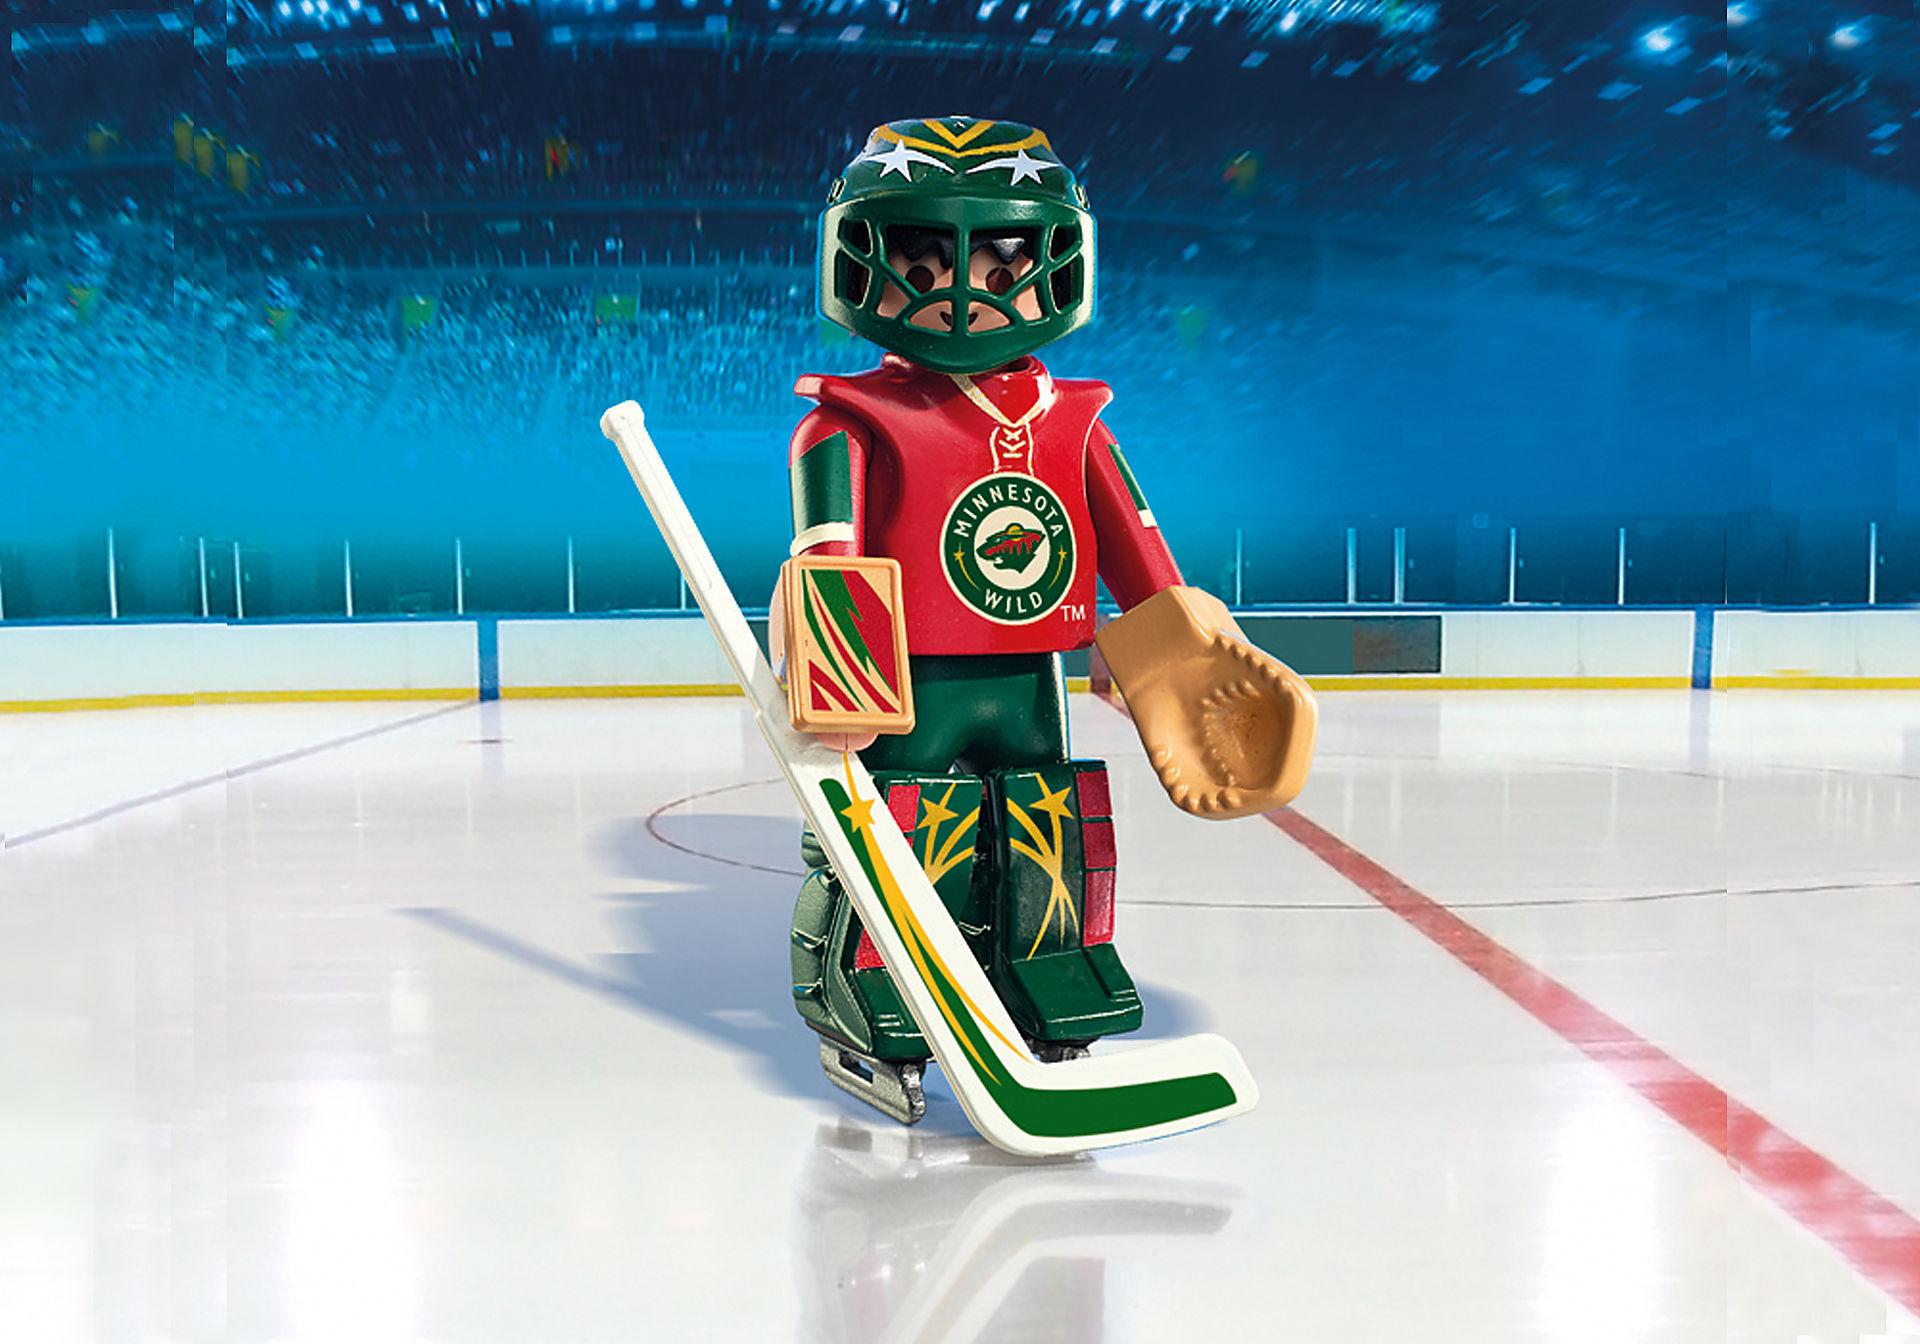 9038 NHL® Minnesota Wild® Goalie zoom image1